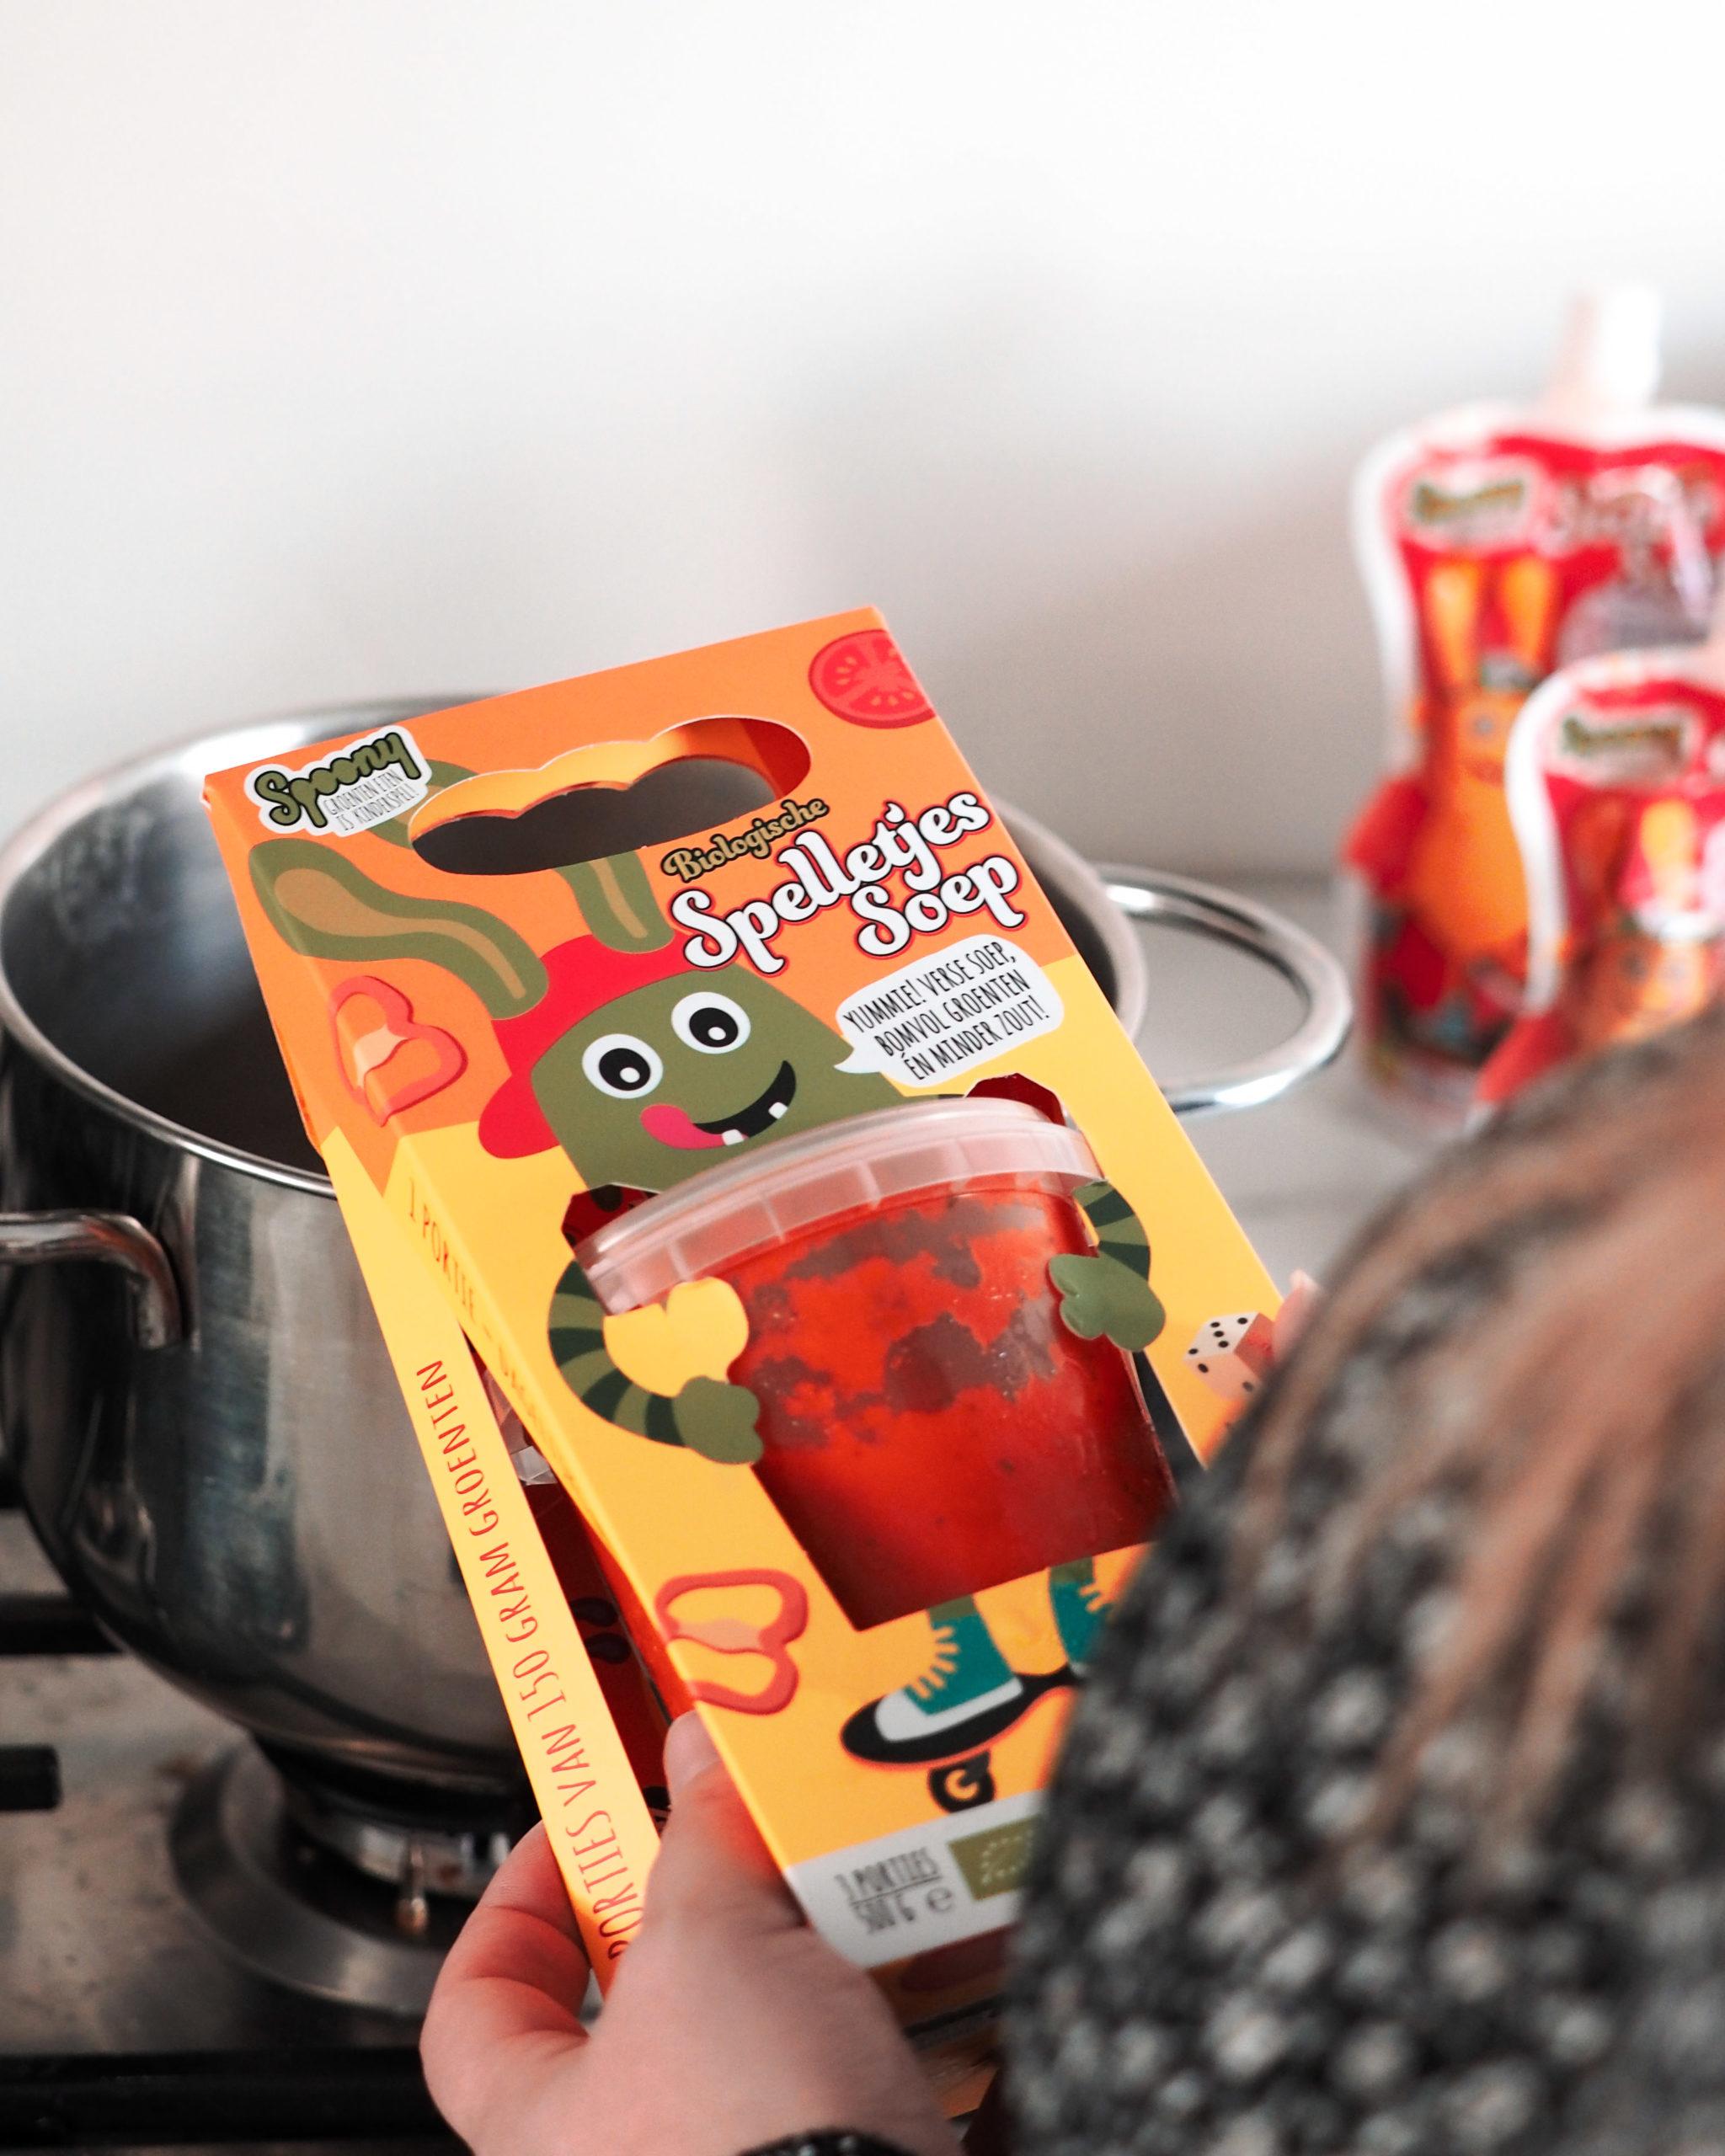 Dat niet alle kinderen goed groente eten is bekend. Spoony springt hier op in door op een speelse wijze de kinderen groente aan te bieden.. Wij delen onze ervaring bij Kinderfavorites.